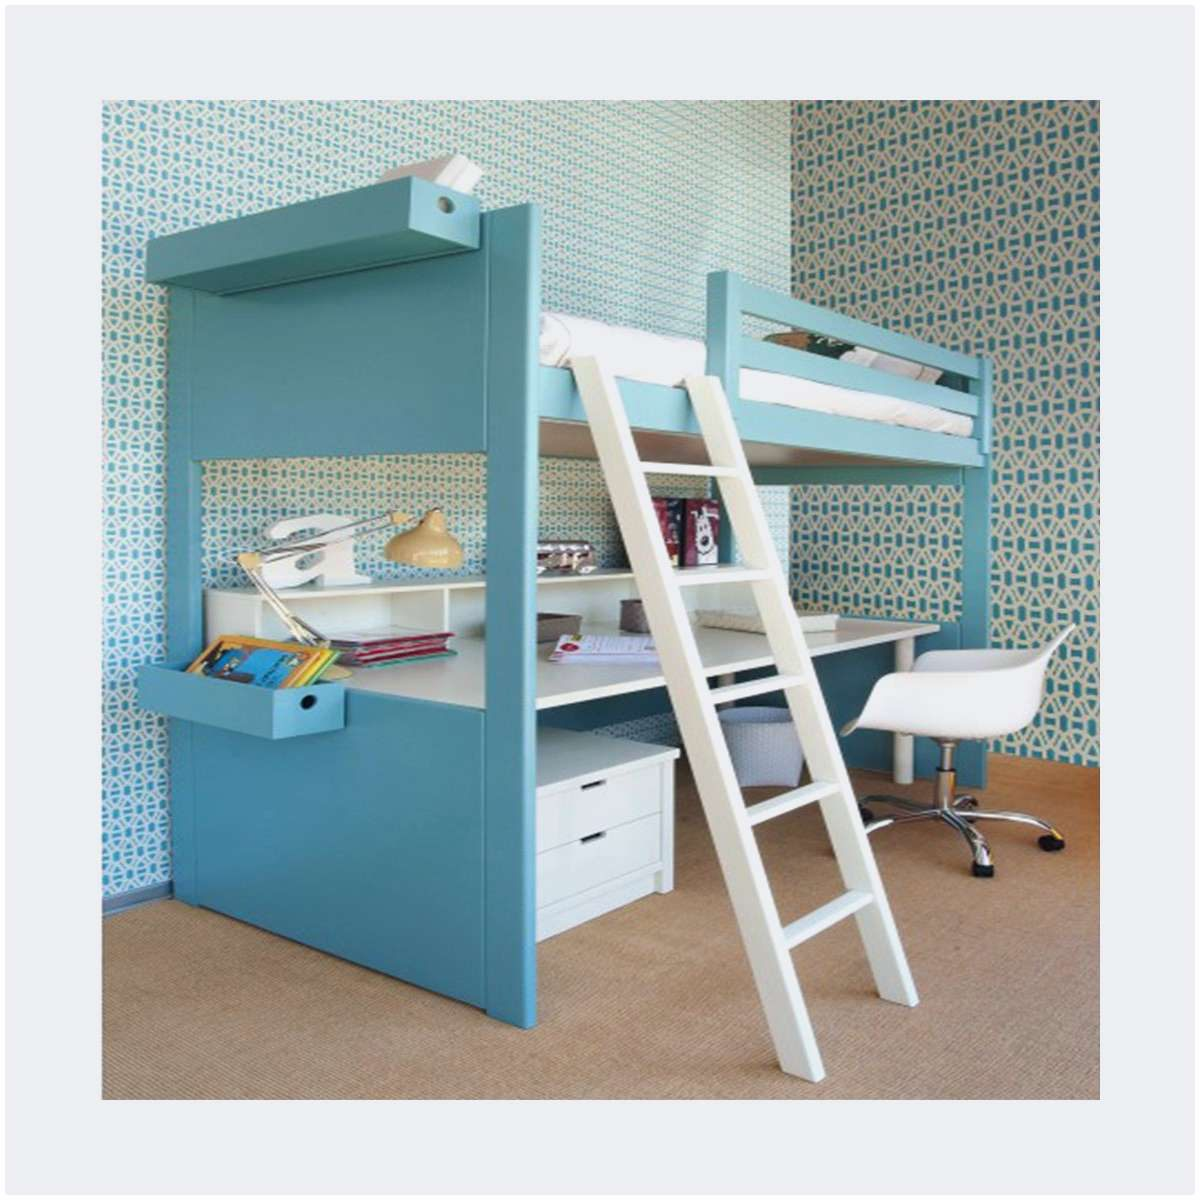 Lit Mezzanine Fille Beau Beau Lit Mezzanine Pour Ado Lit Bureau Frais Bureau 2 Places Beau